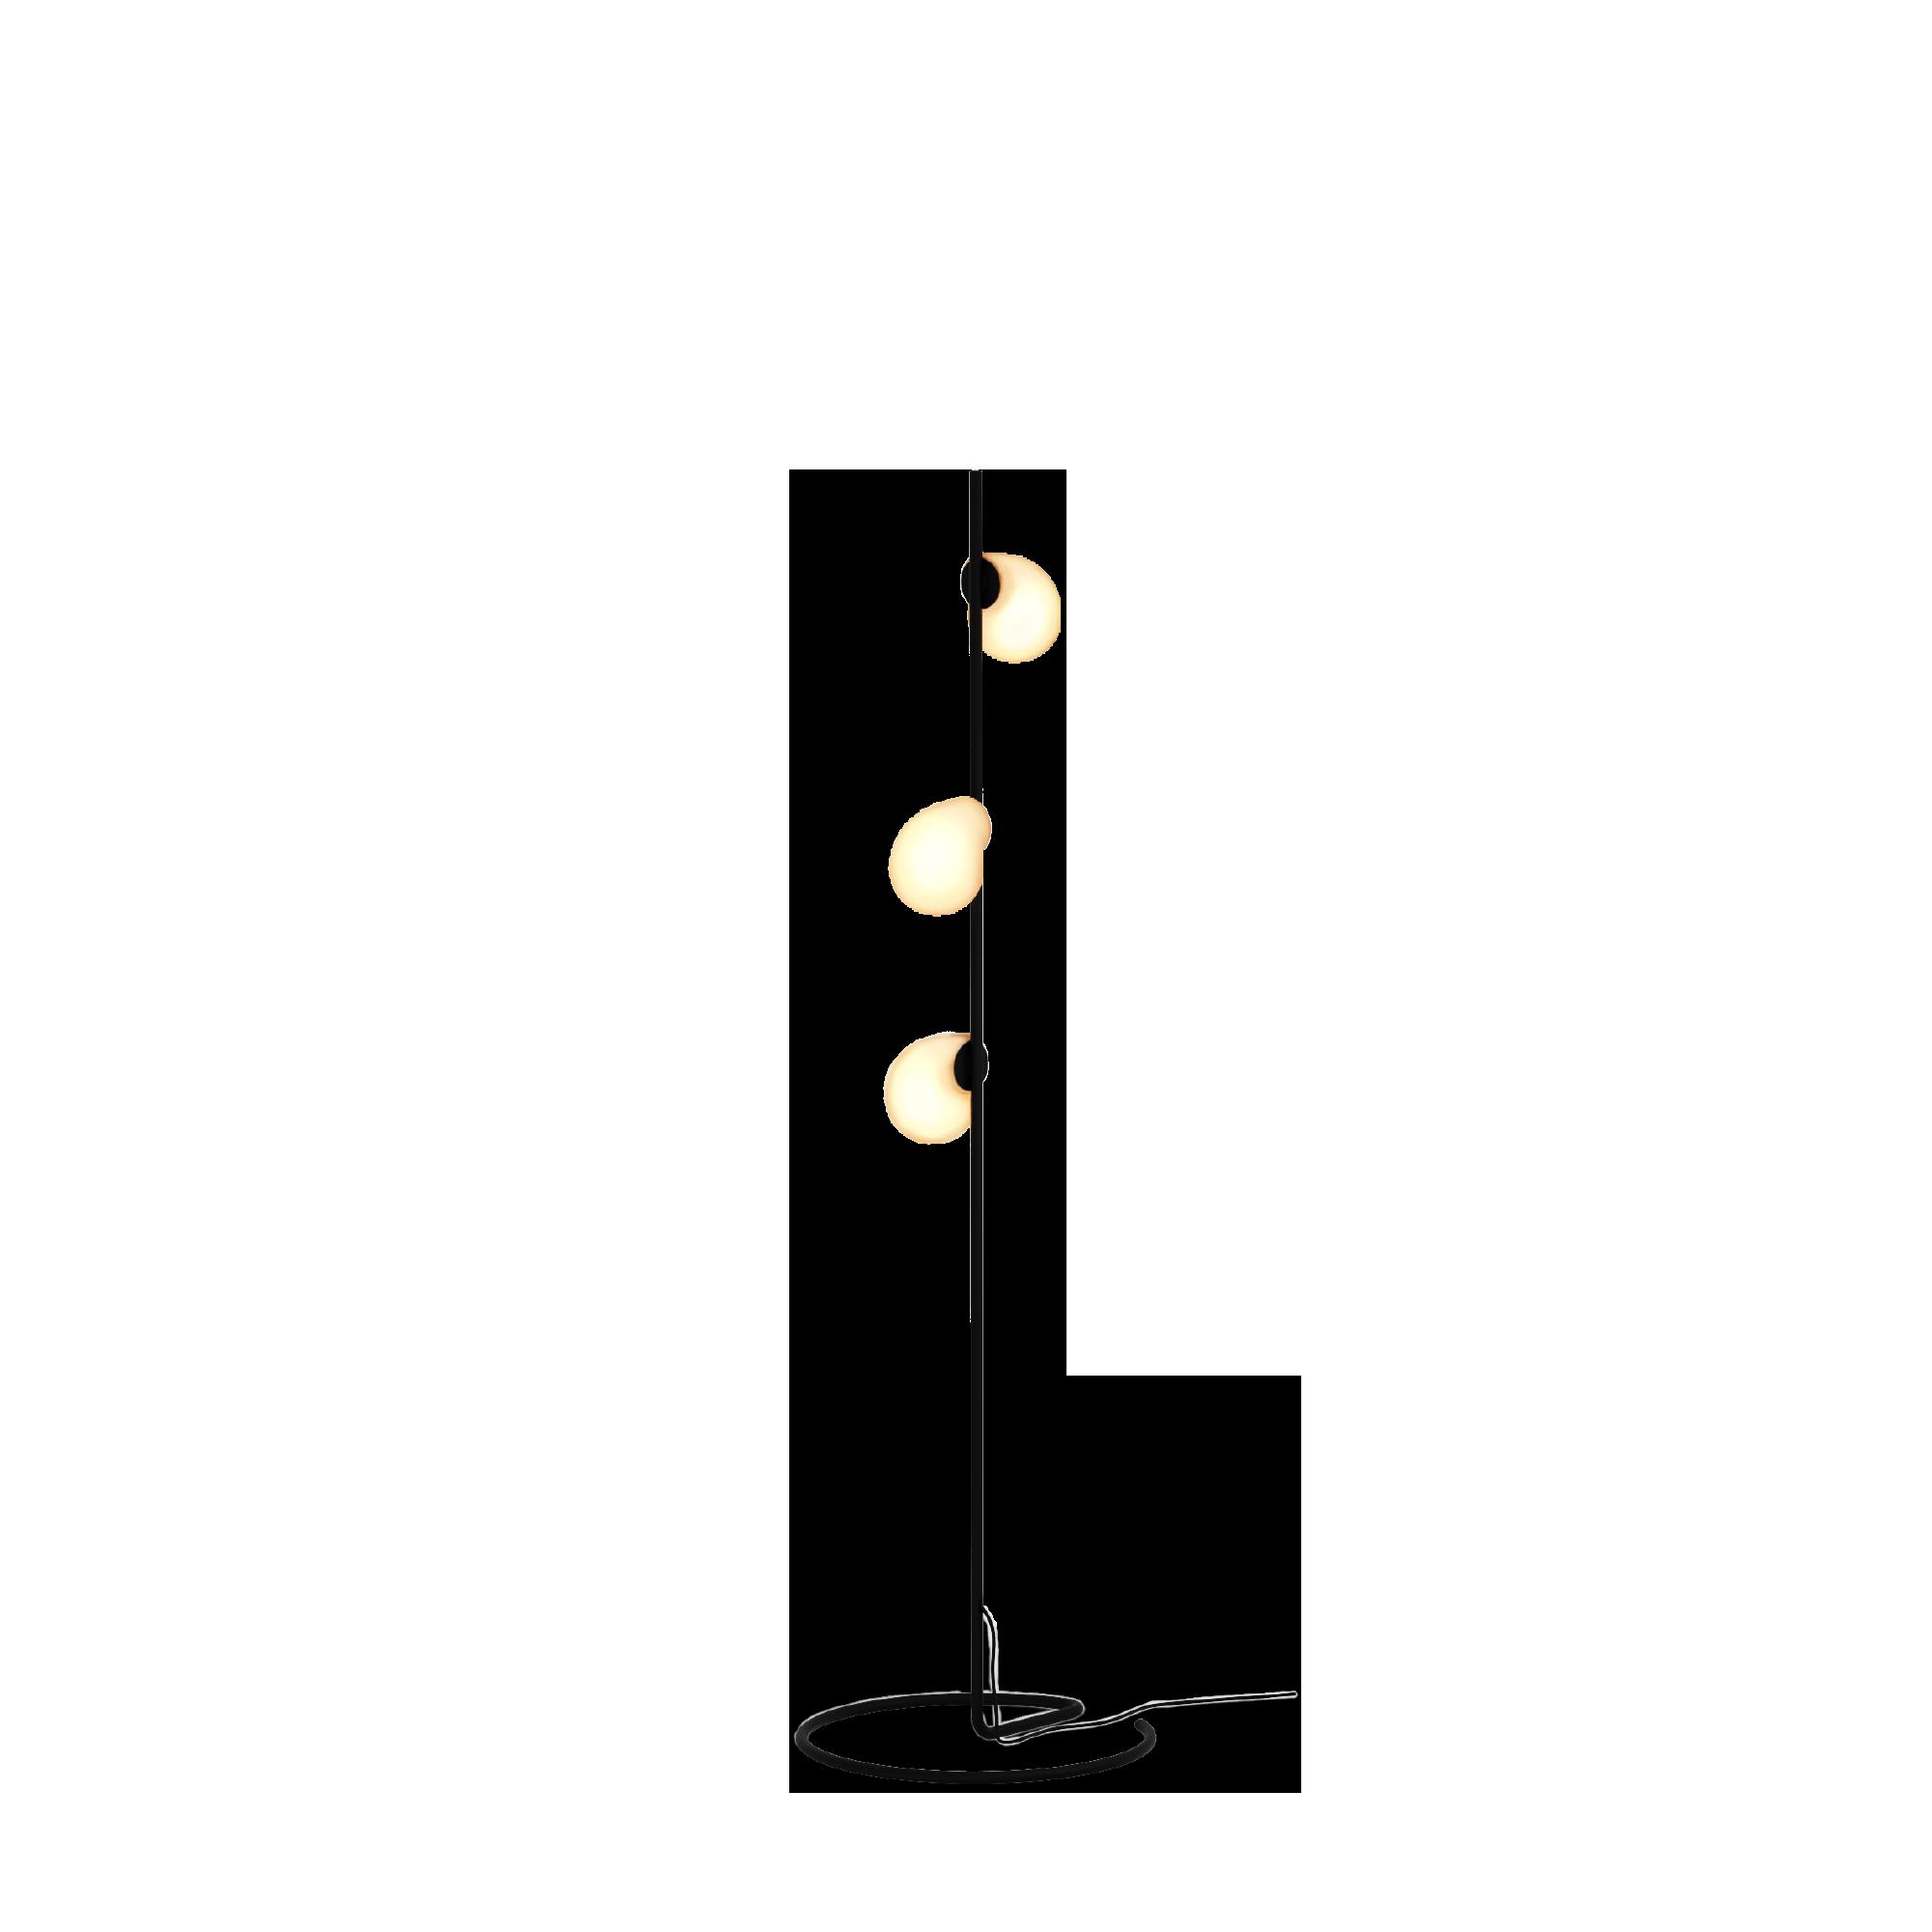 מנורה עומדת מעוצבת דגם 2012